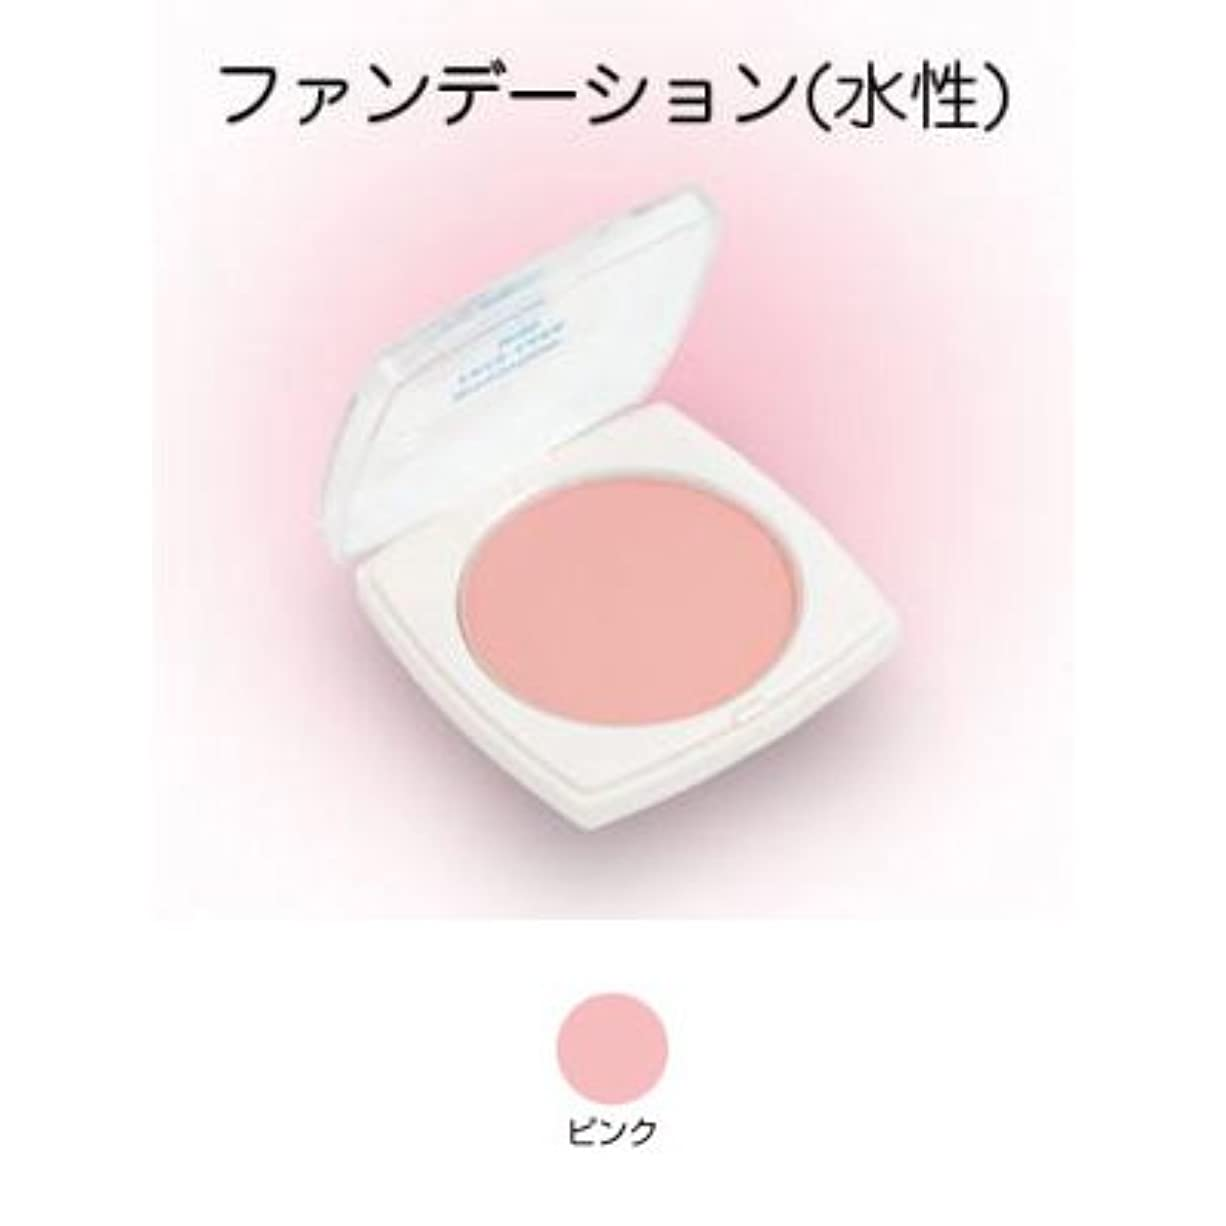 代理店気味の悪いれるフェースケーキ ミニ 17g ピンク 【三善】